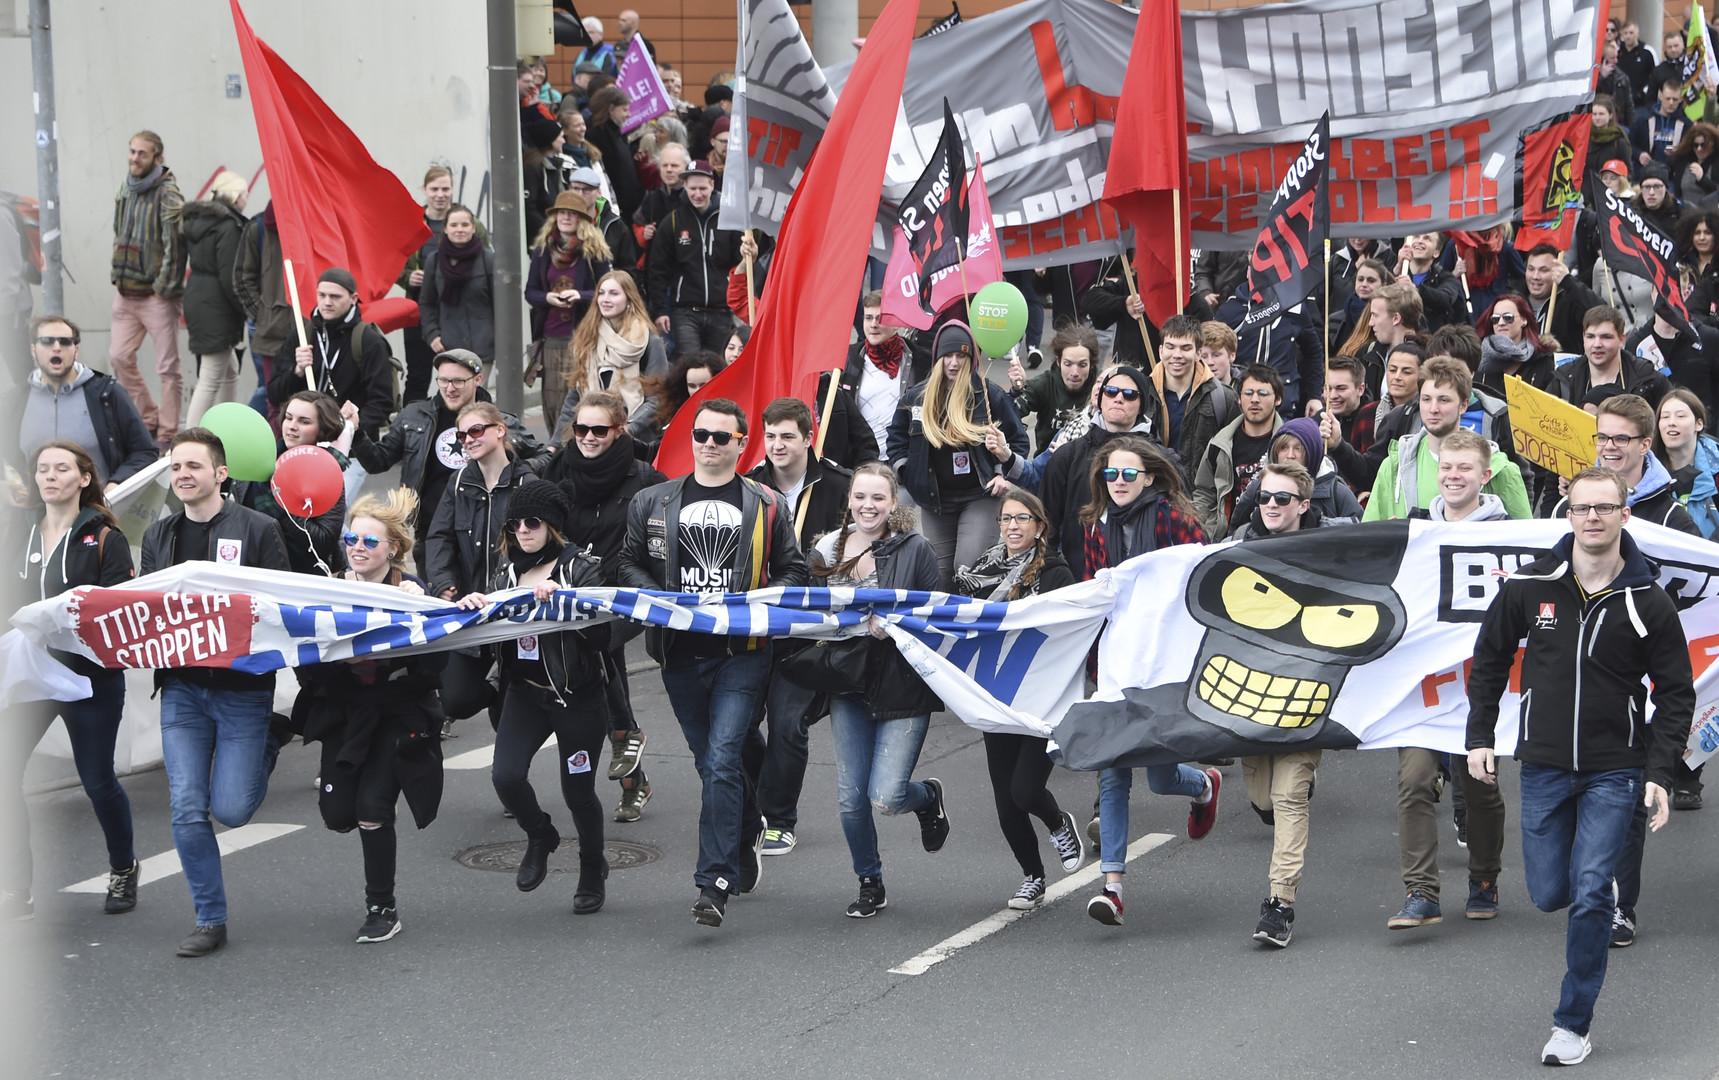 Stop TTIP : une énorme manifestation contre la zone de libre-échange transatlantique envahit Hanovre